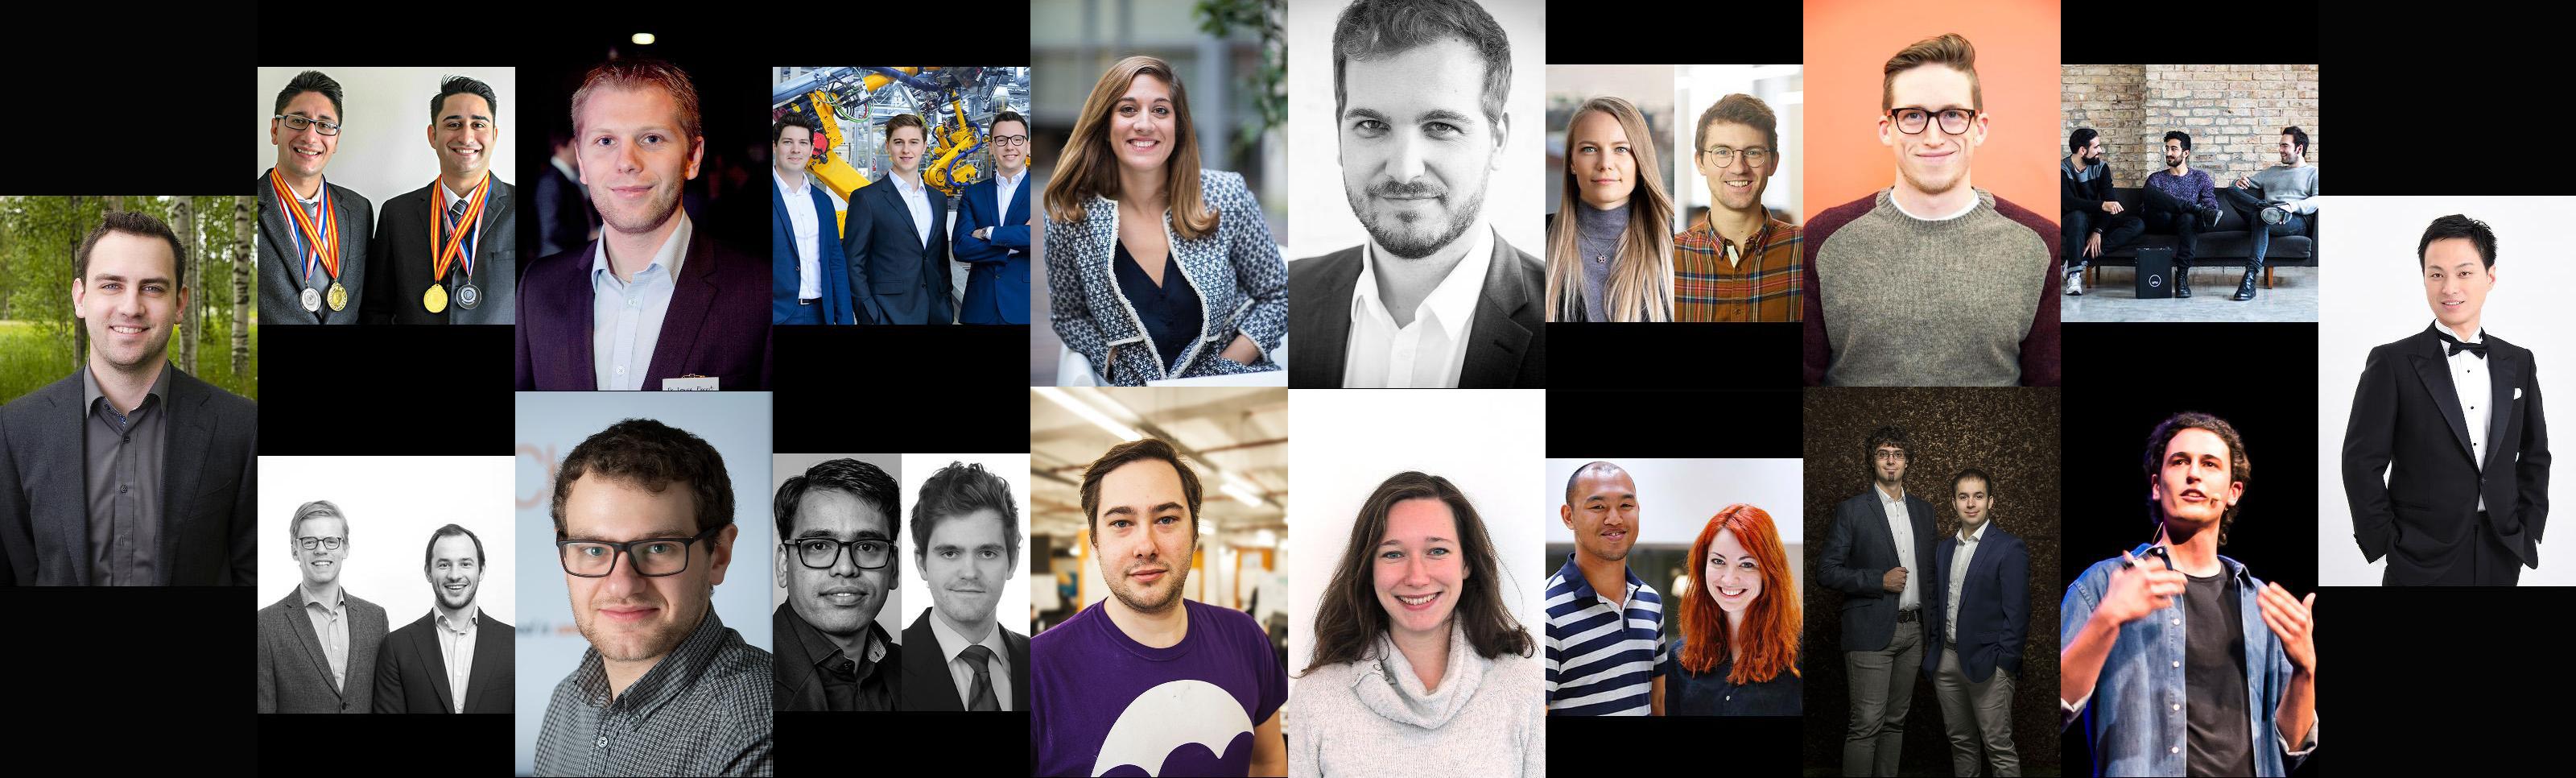 Forbes Europe 30 under 30 list EIT collage